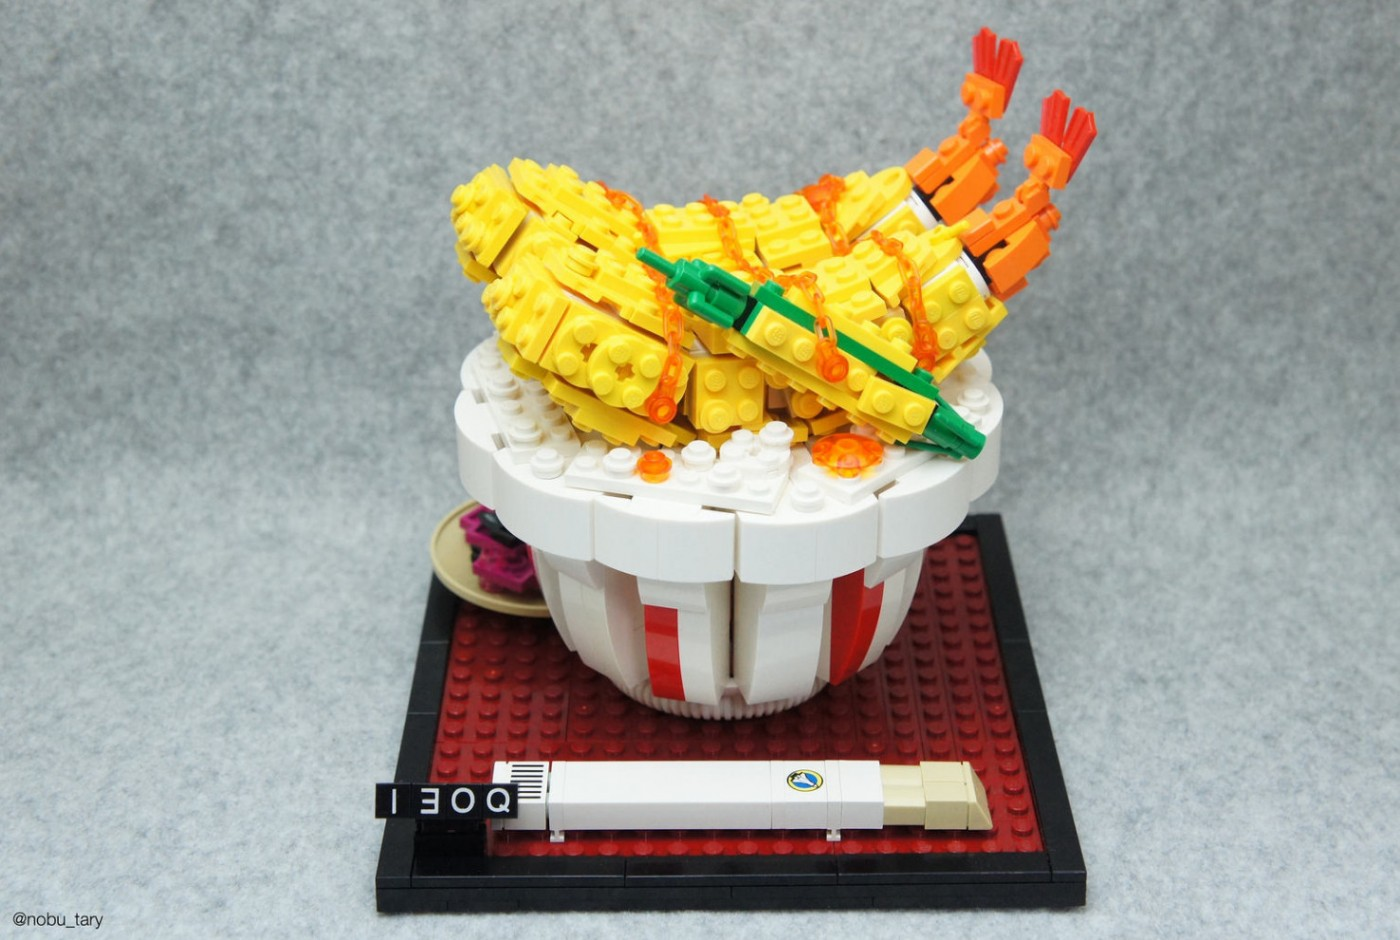 lego_food_shrimp.jpg